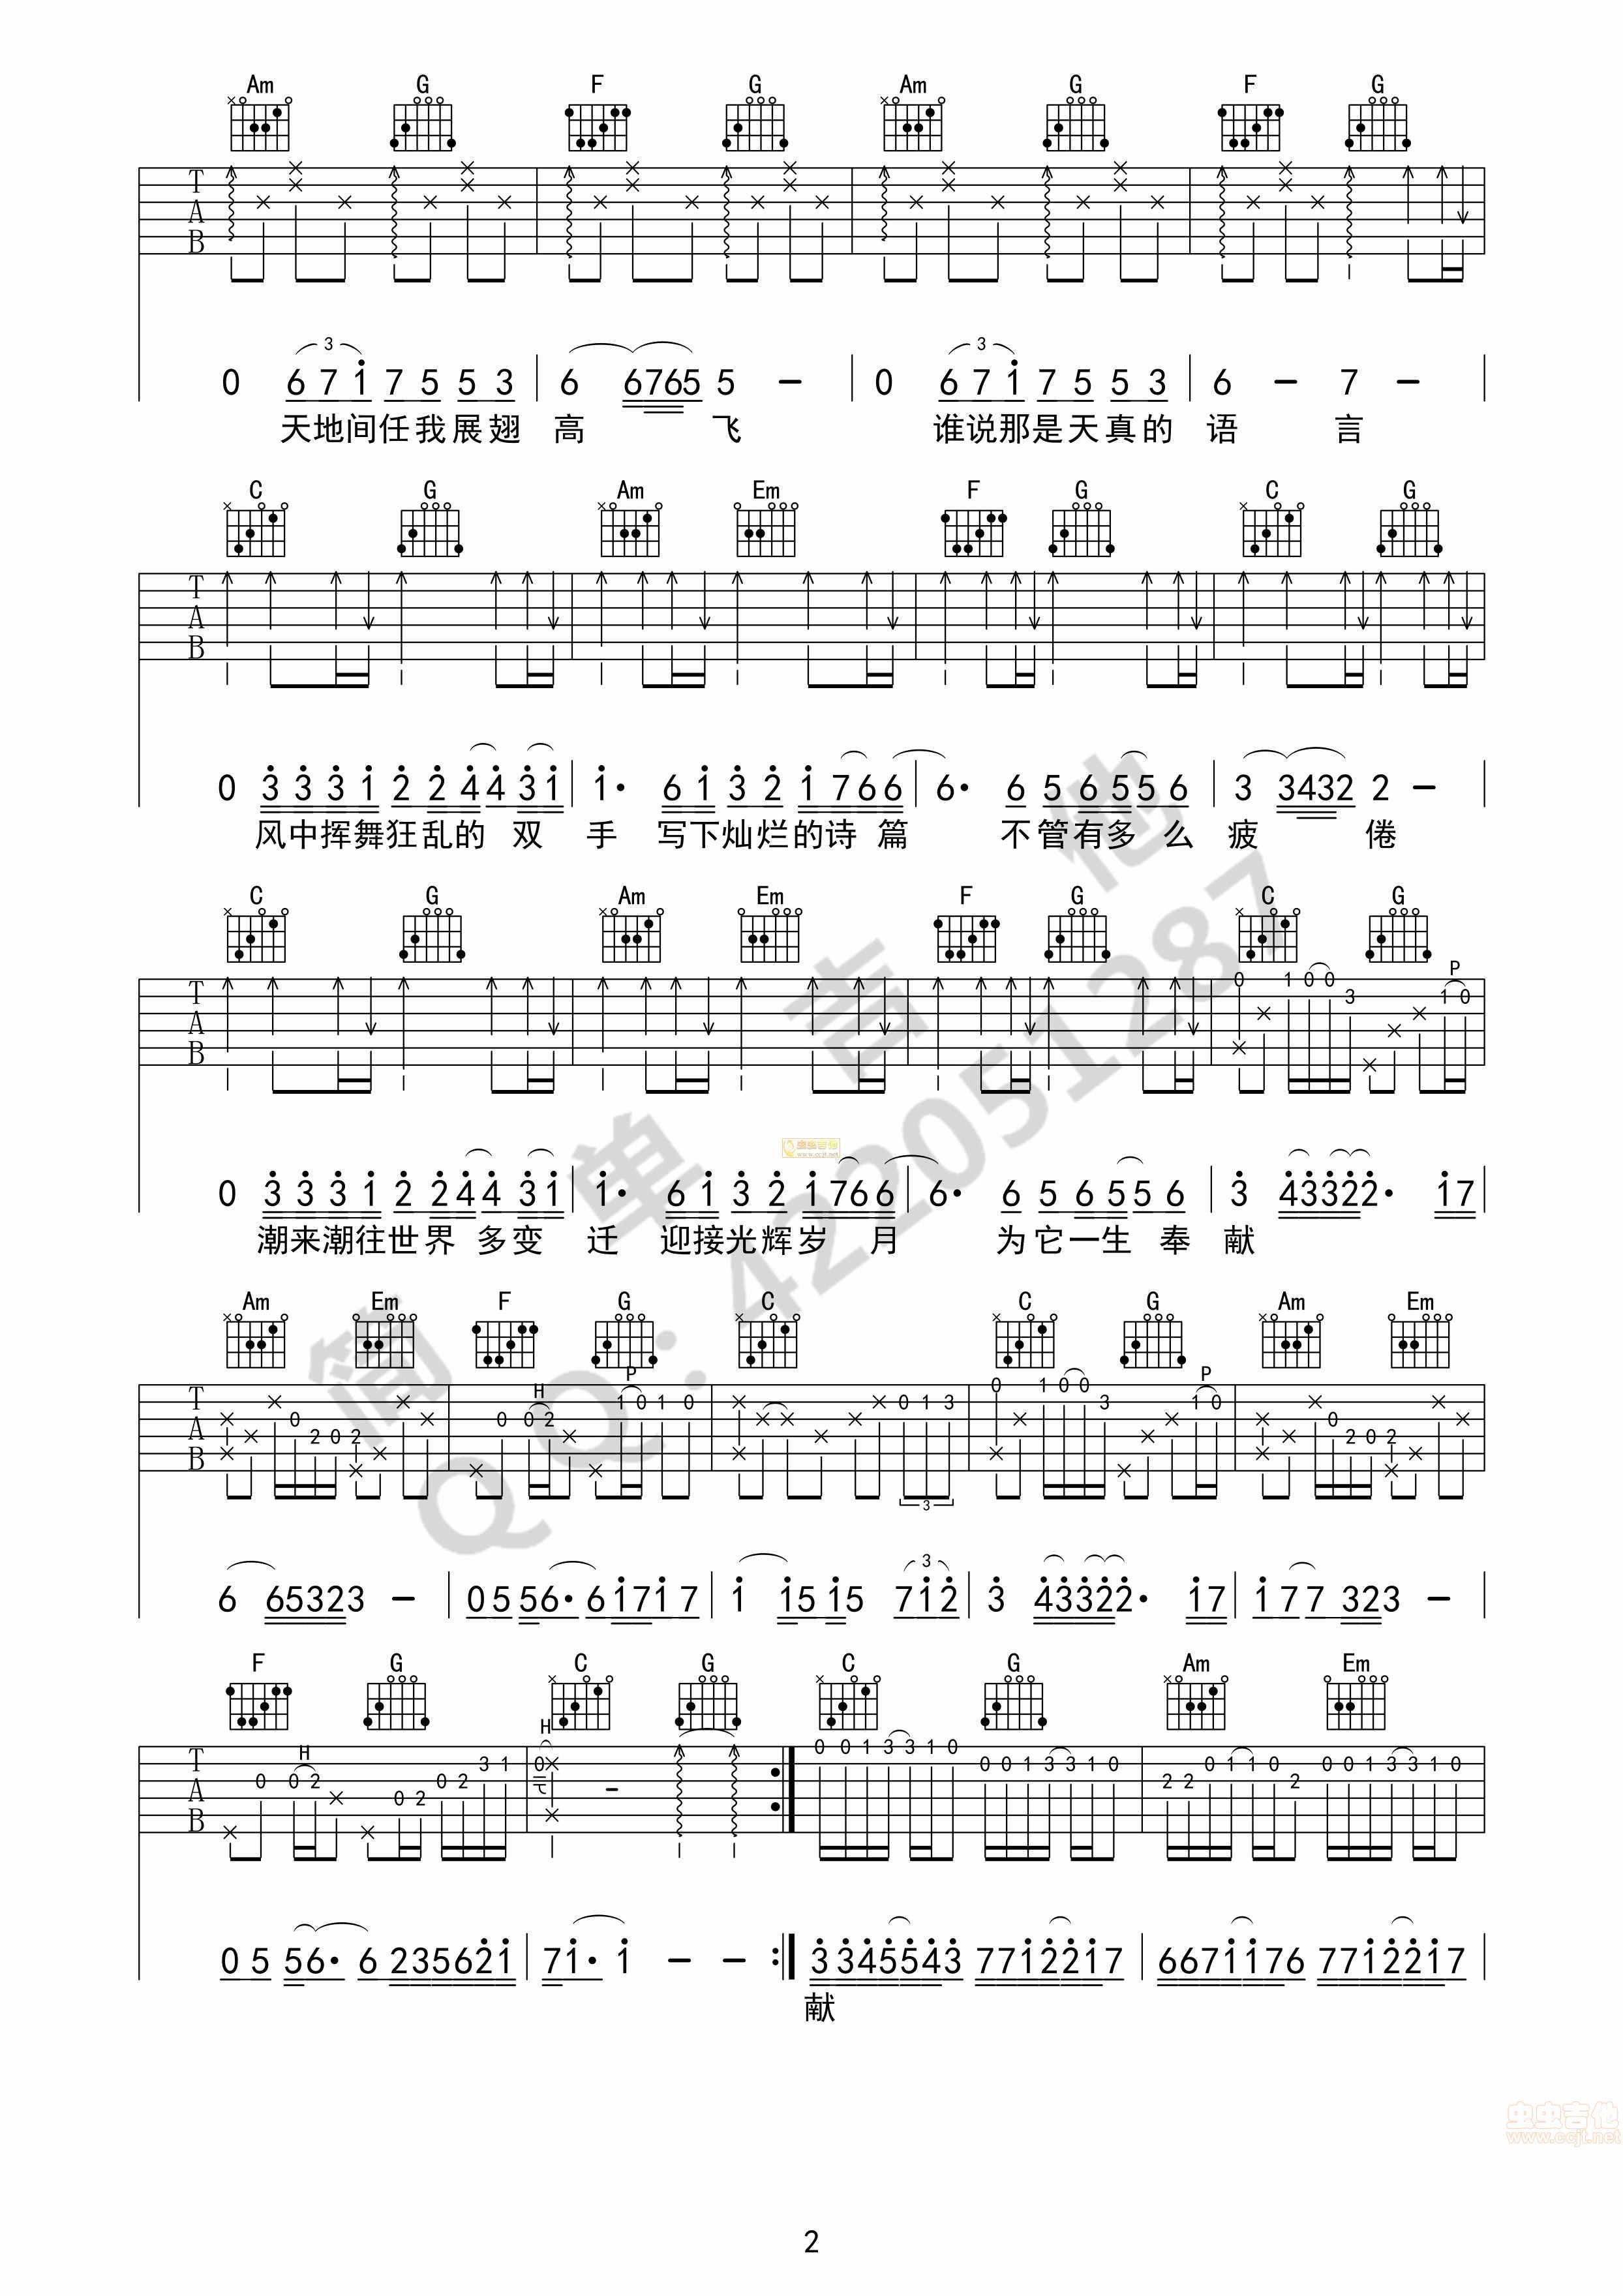 光辉岁月 黄家驹 国语完美弹唱 简单吉他C调六线吉他谱 虫虫吉他谱免